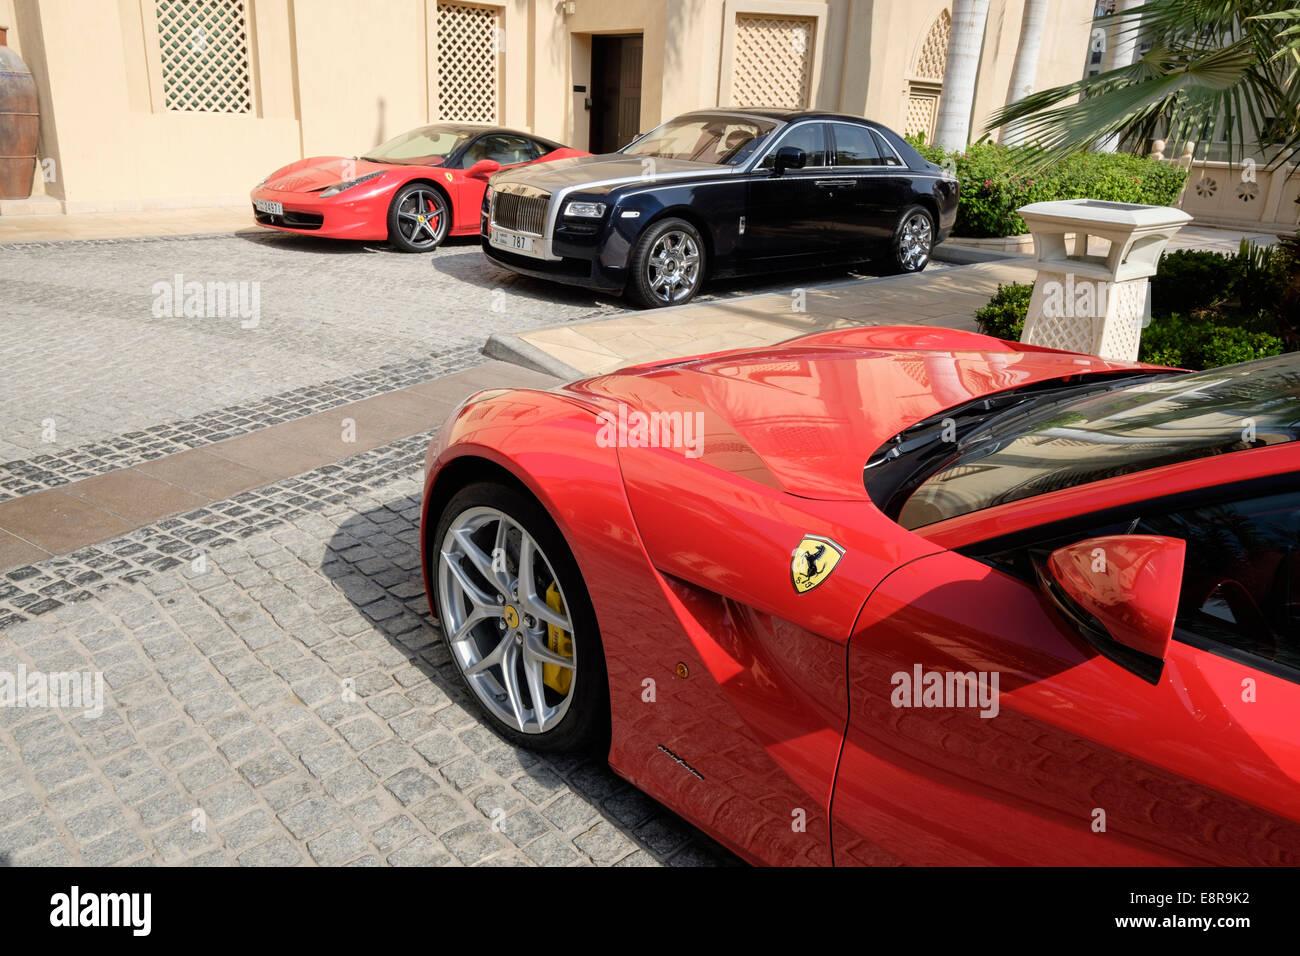 Les voitures de luxe garées devant hôtel 5 étoiles à Dubaï Émirats Arabes Unis Photo Stock